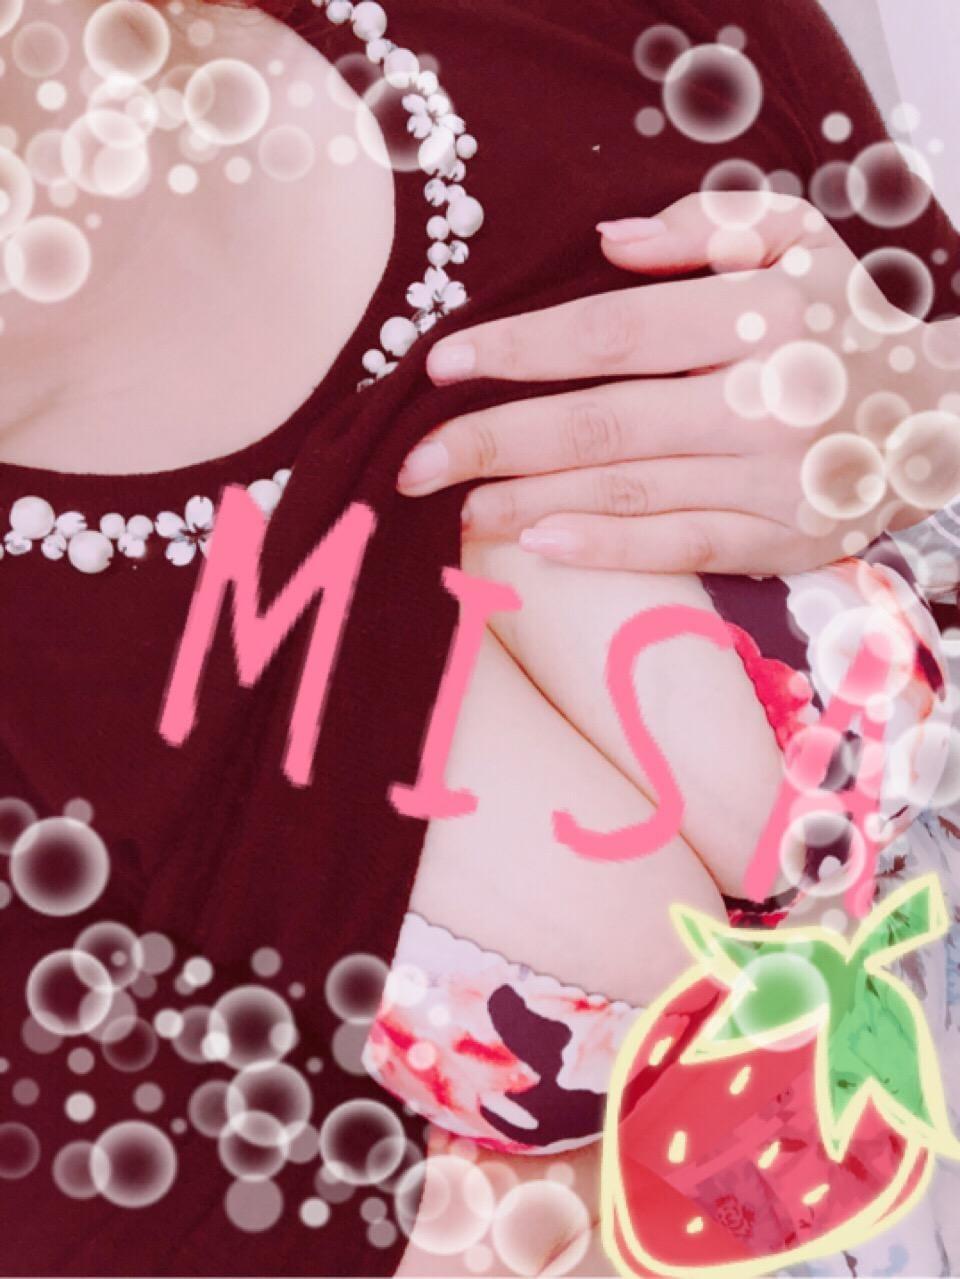 「こんにちは♡」08/01(08/01) 10:11 | みさの写メ・風俗動画